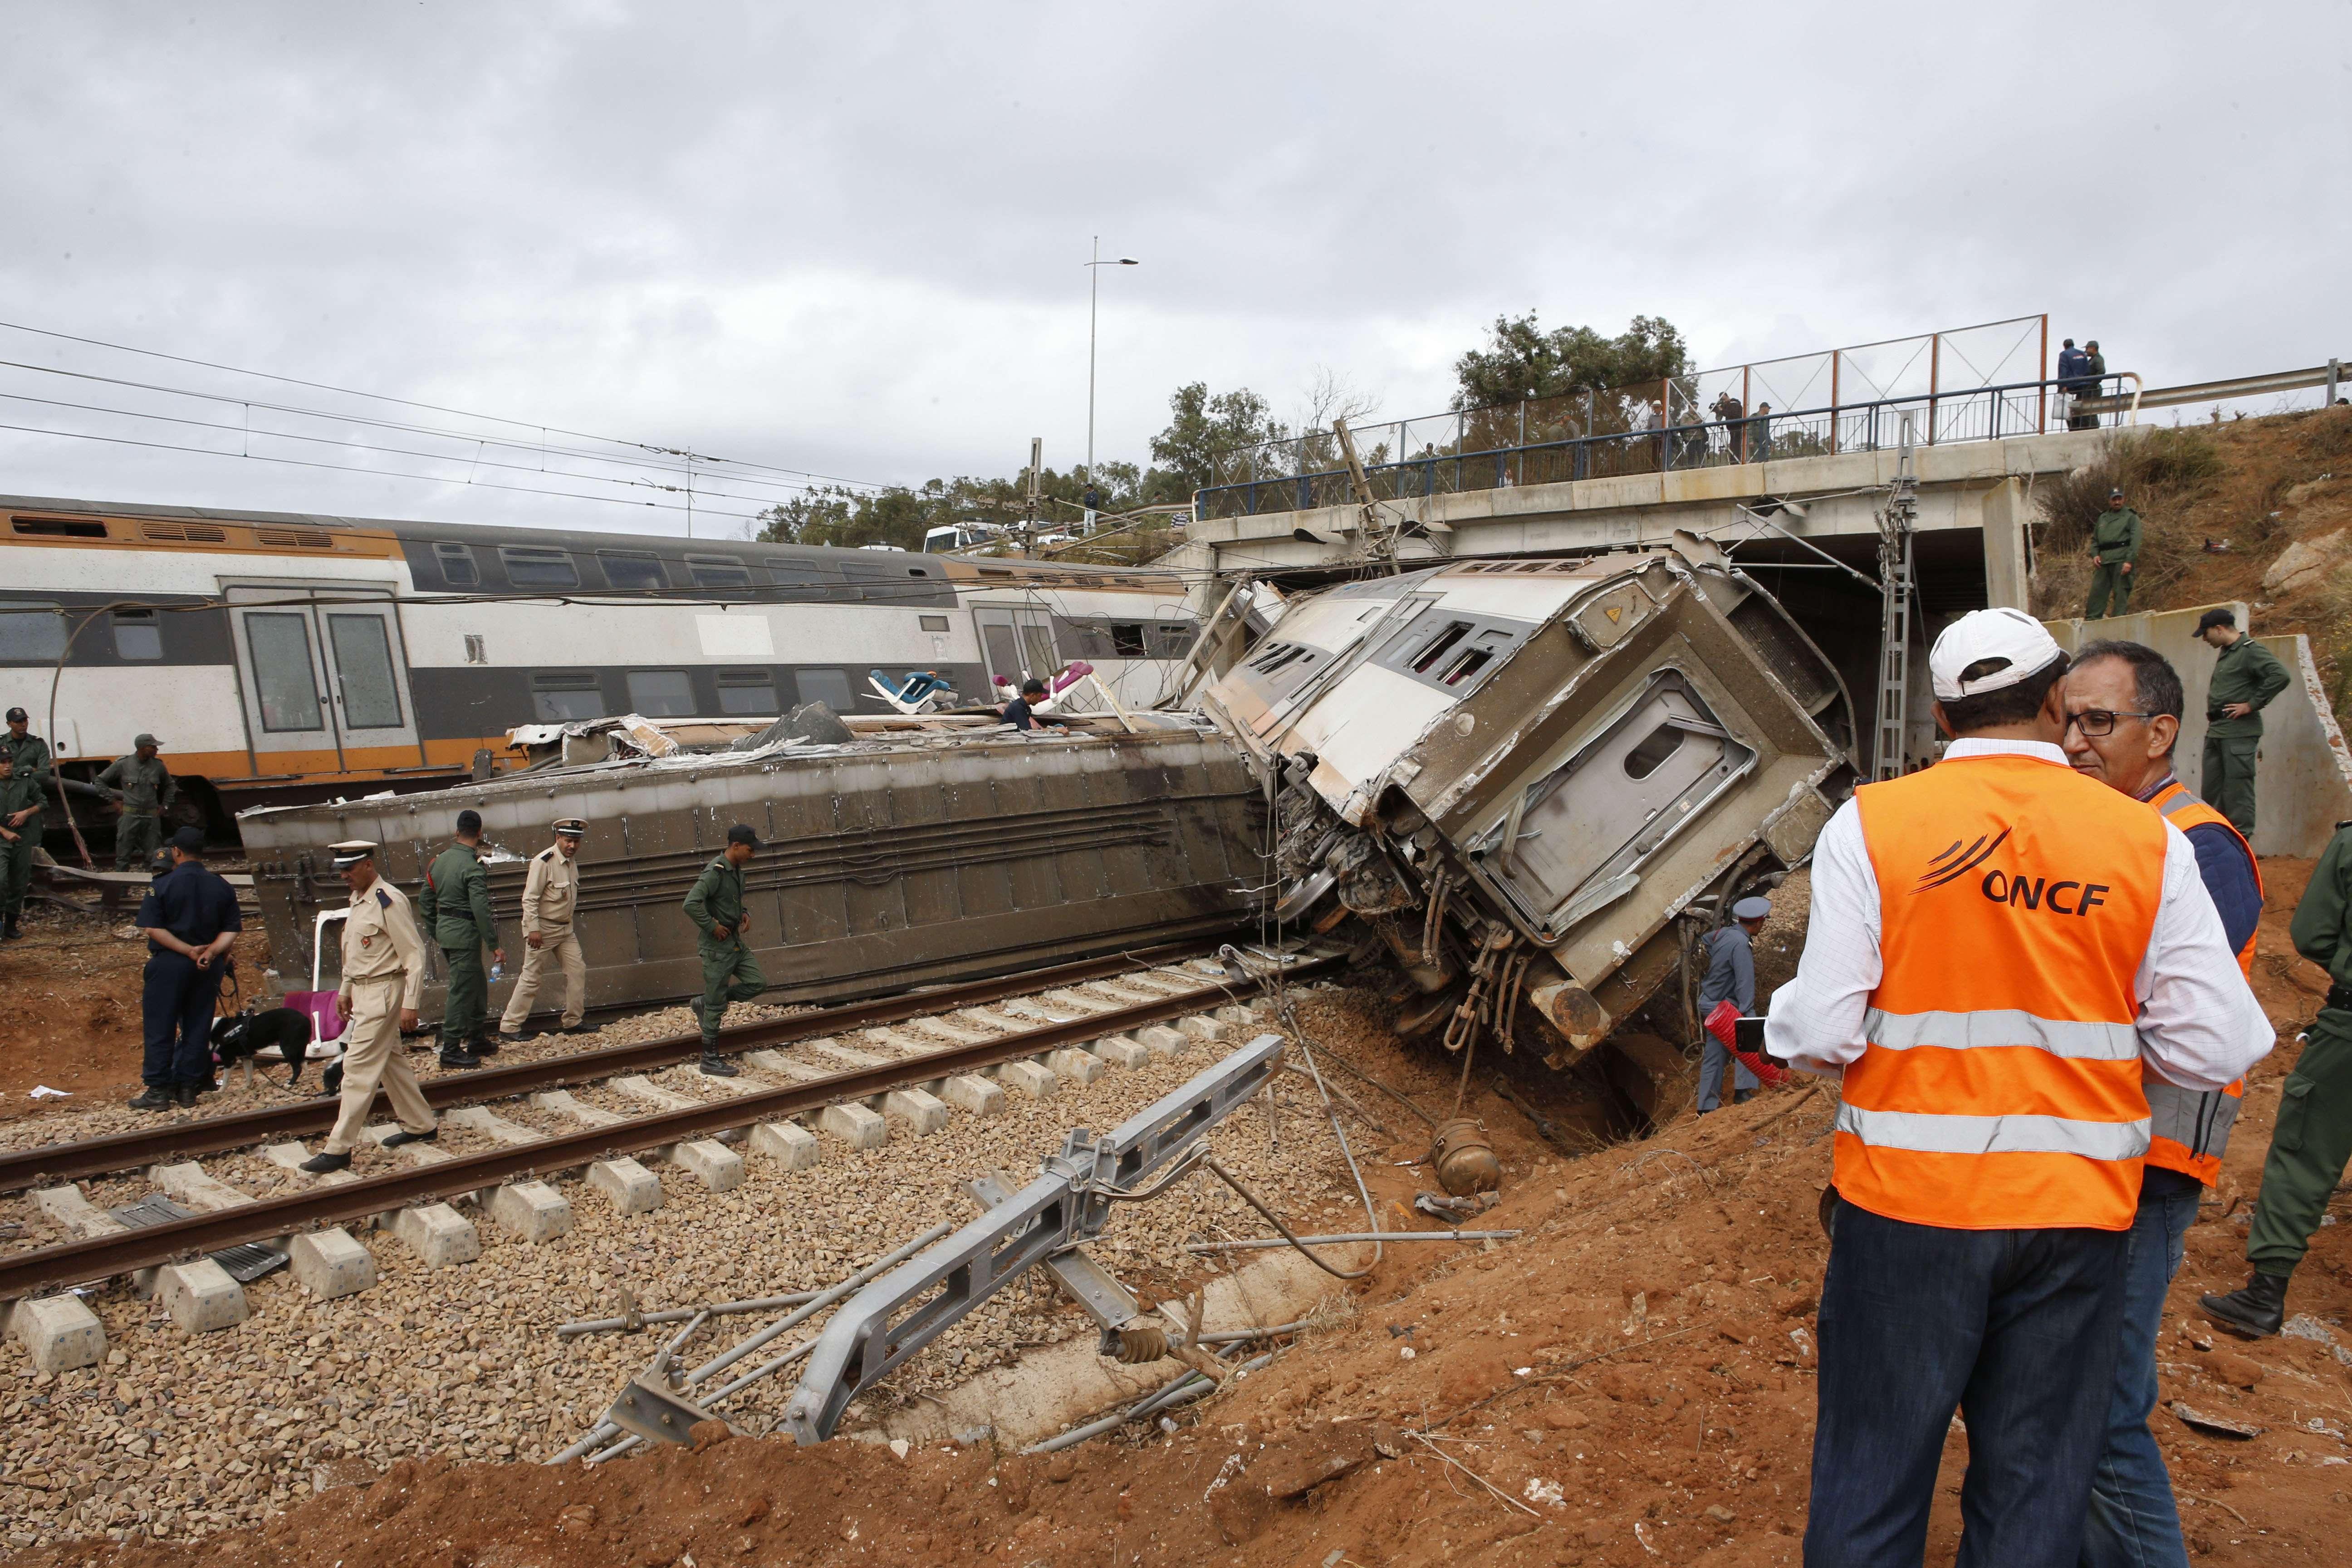 Des agents de l'ONCF sur le site de l'accident ferroviaire de Sidi Bouknadel, le 16 octobre 2018.